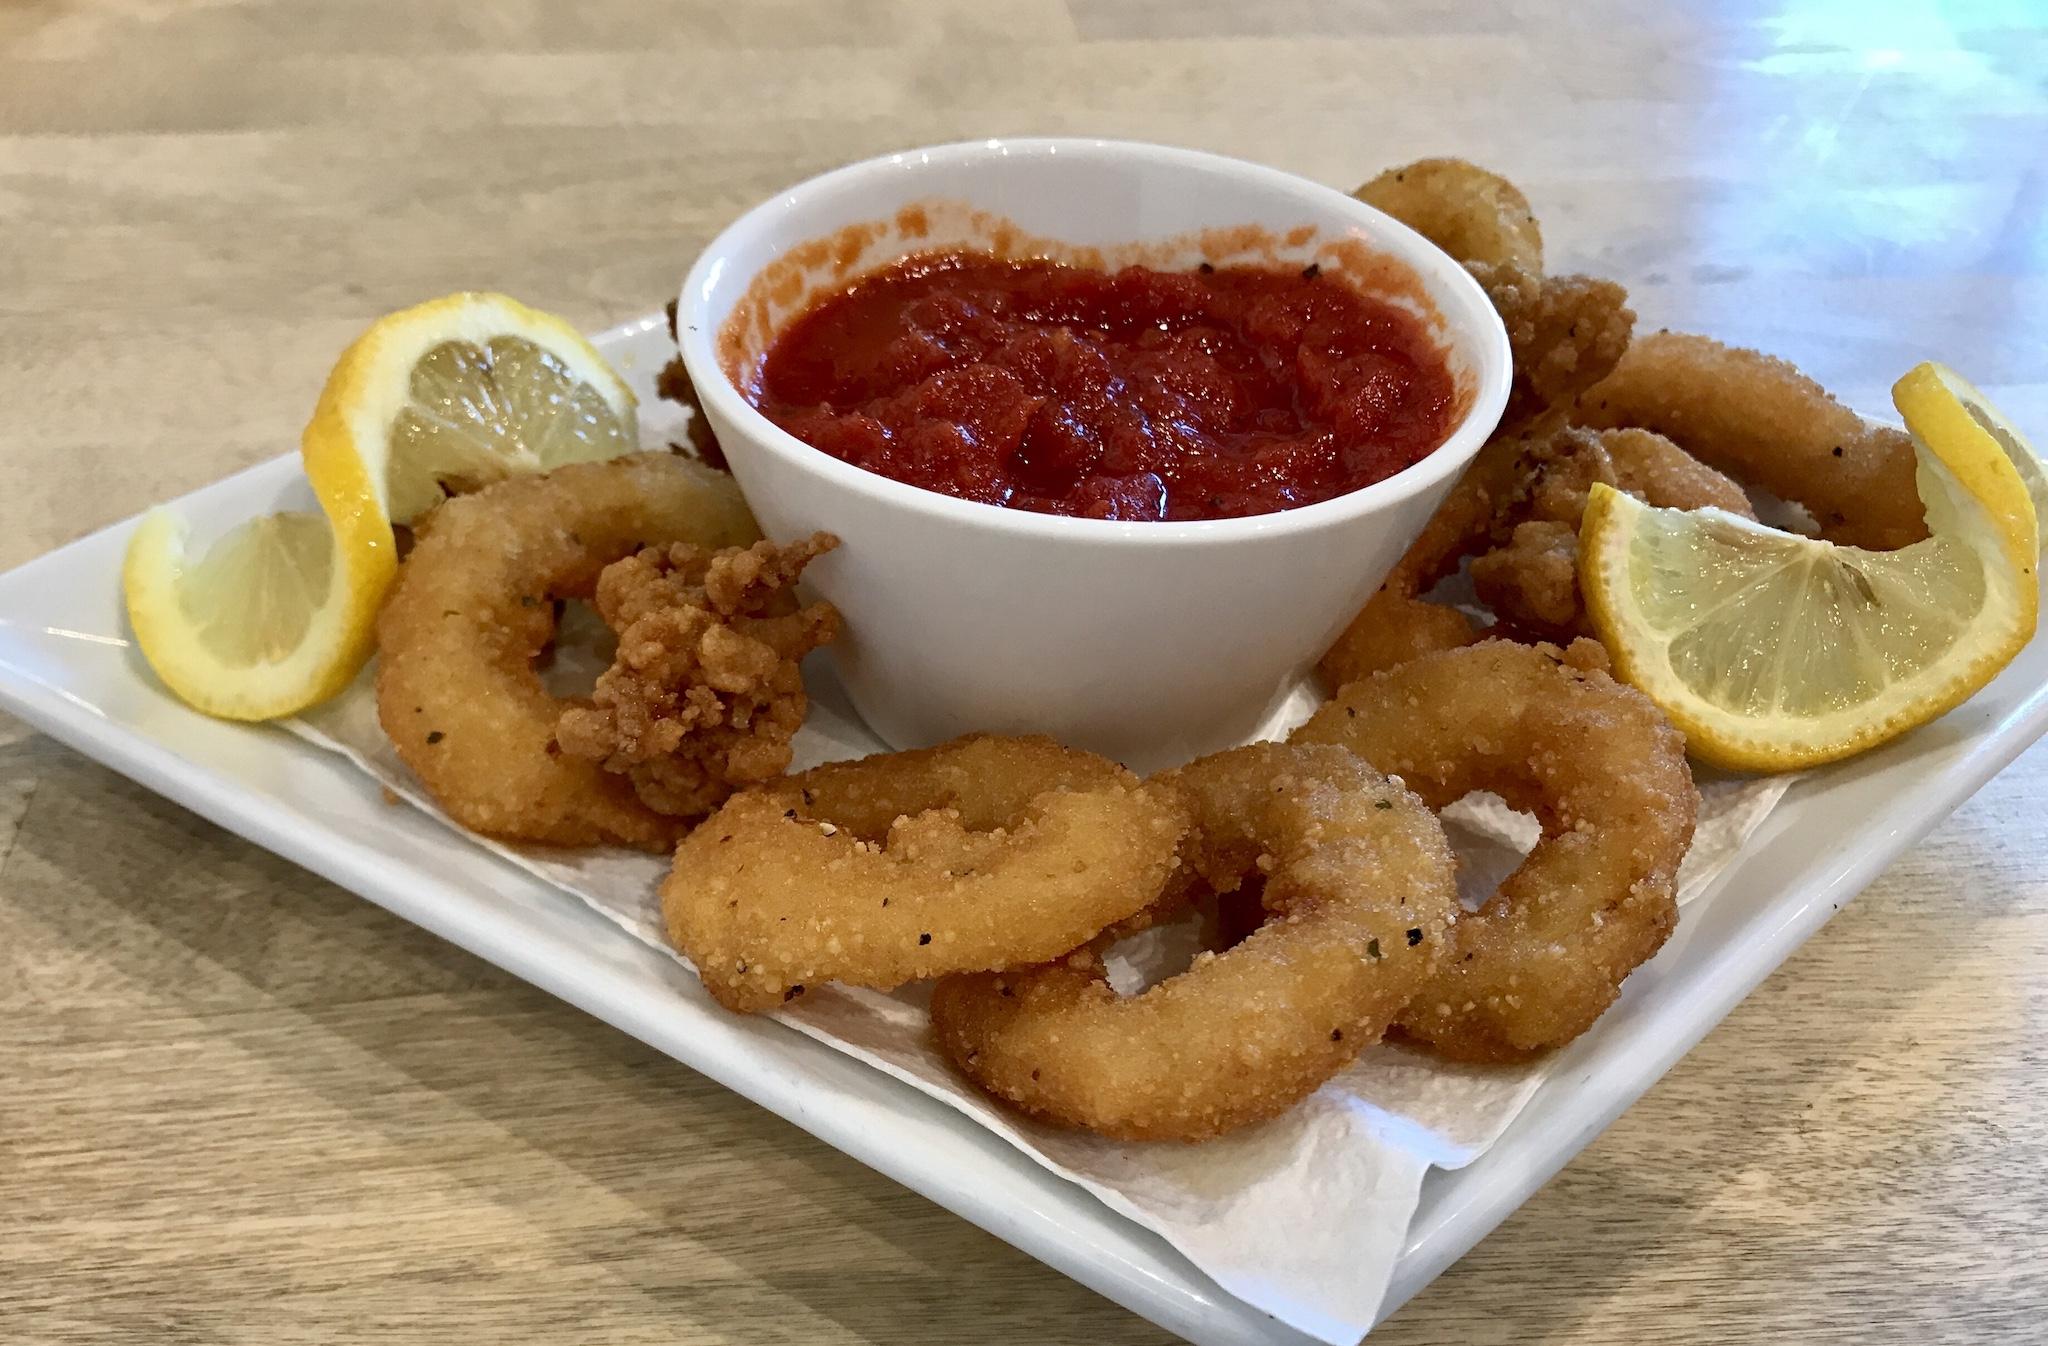 Mio's Grill & Cafe Calamari